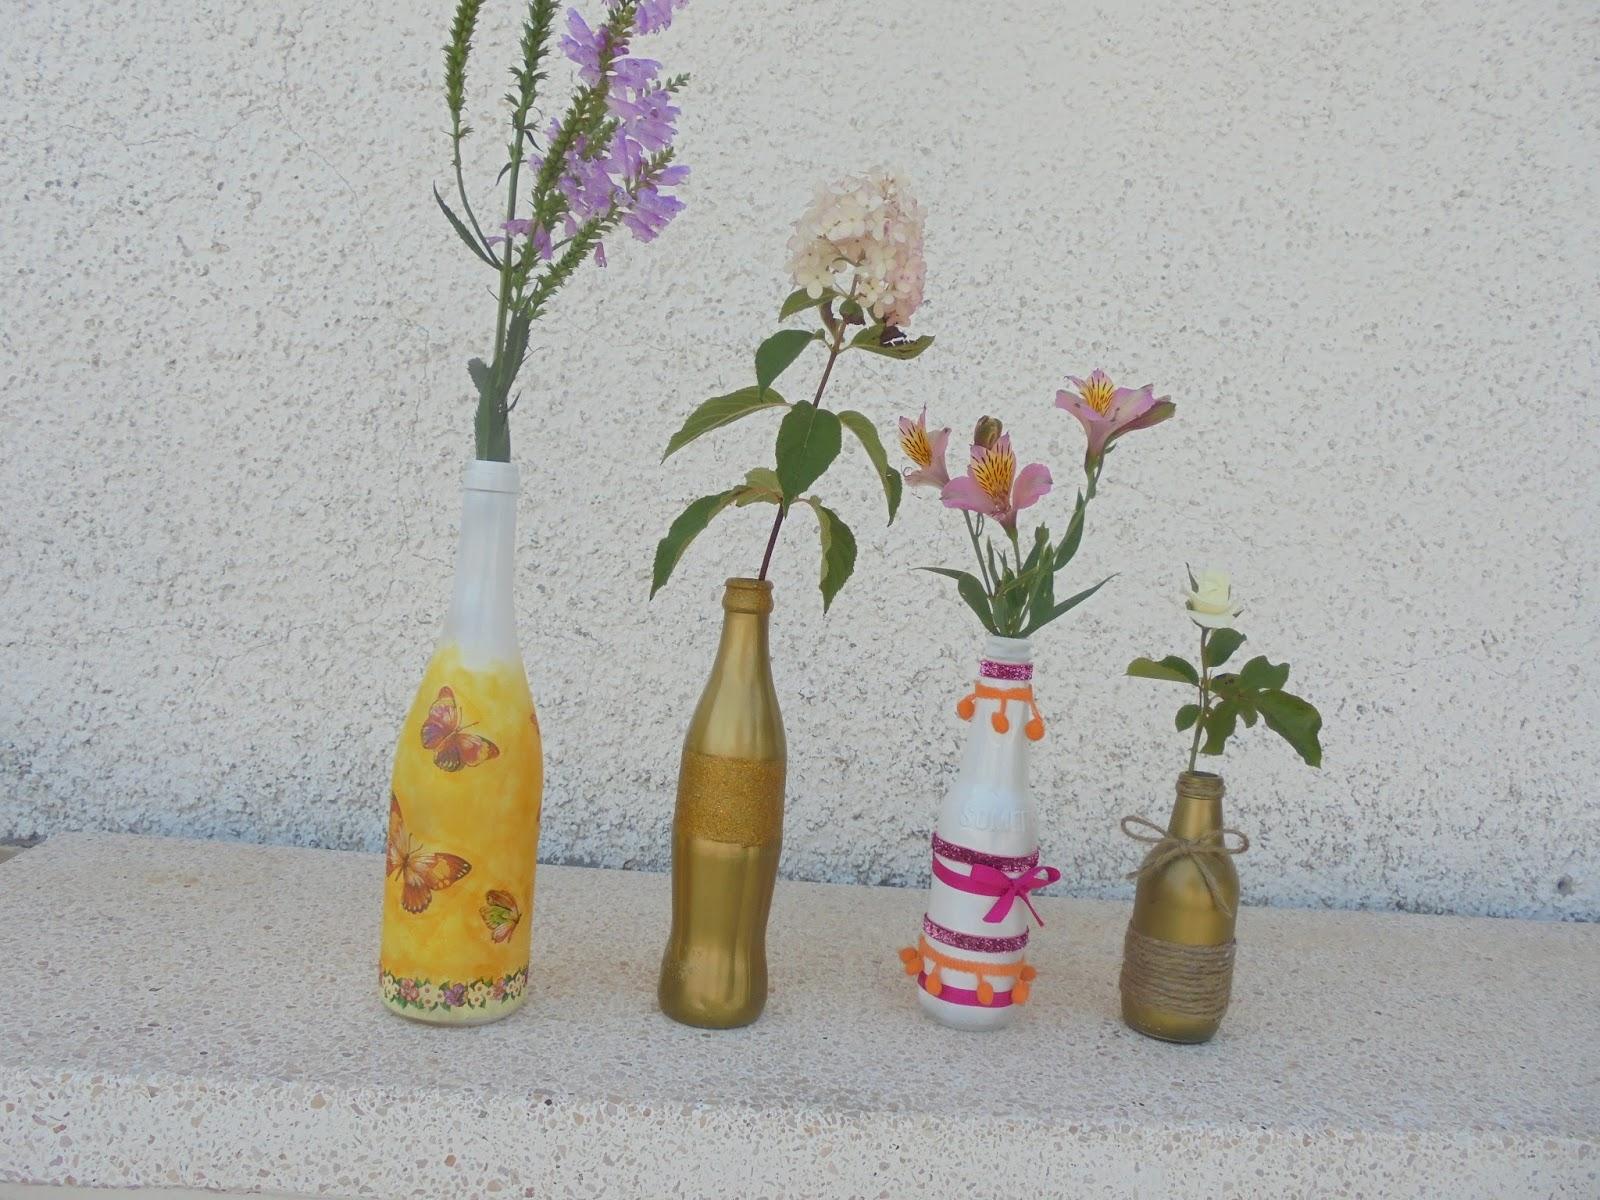 henriques glass vase